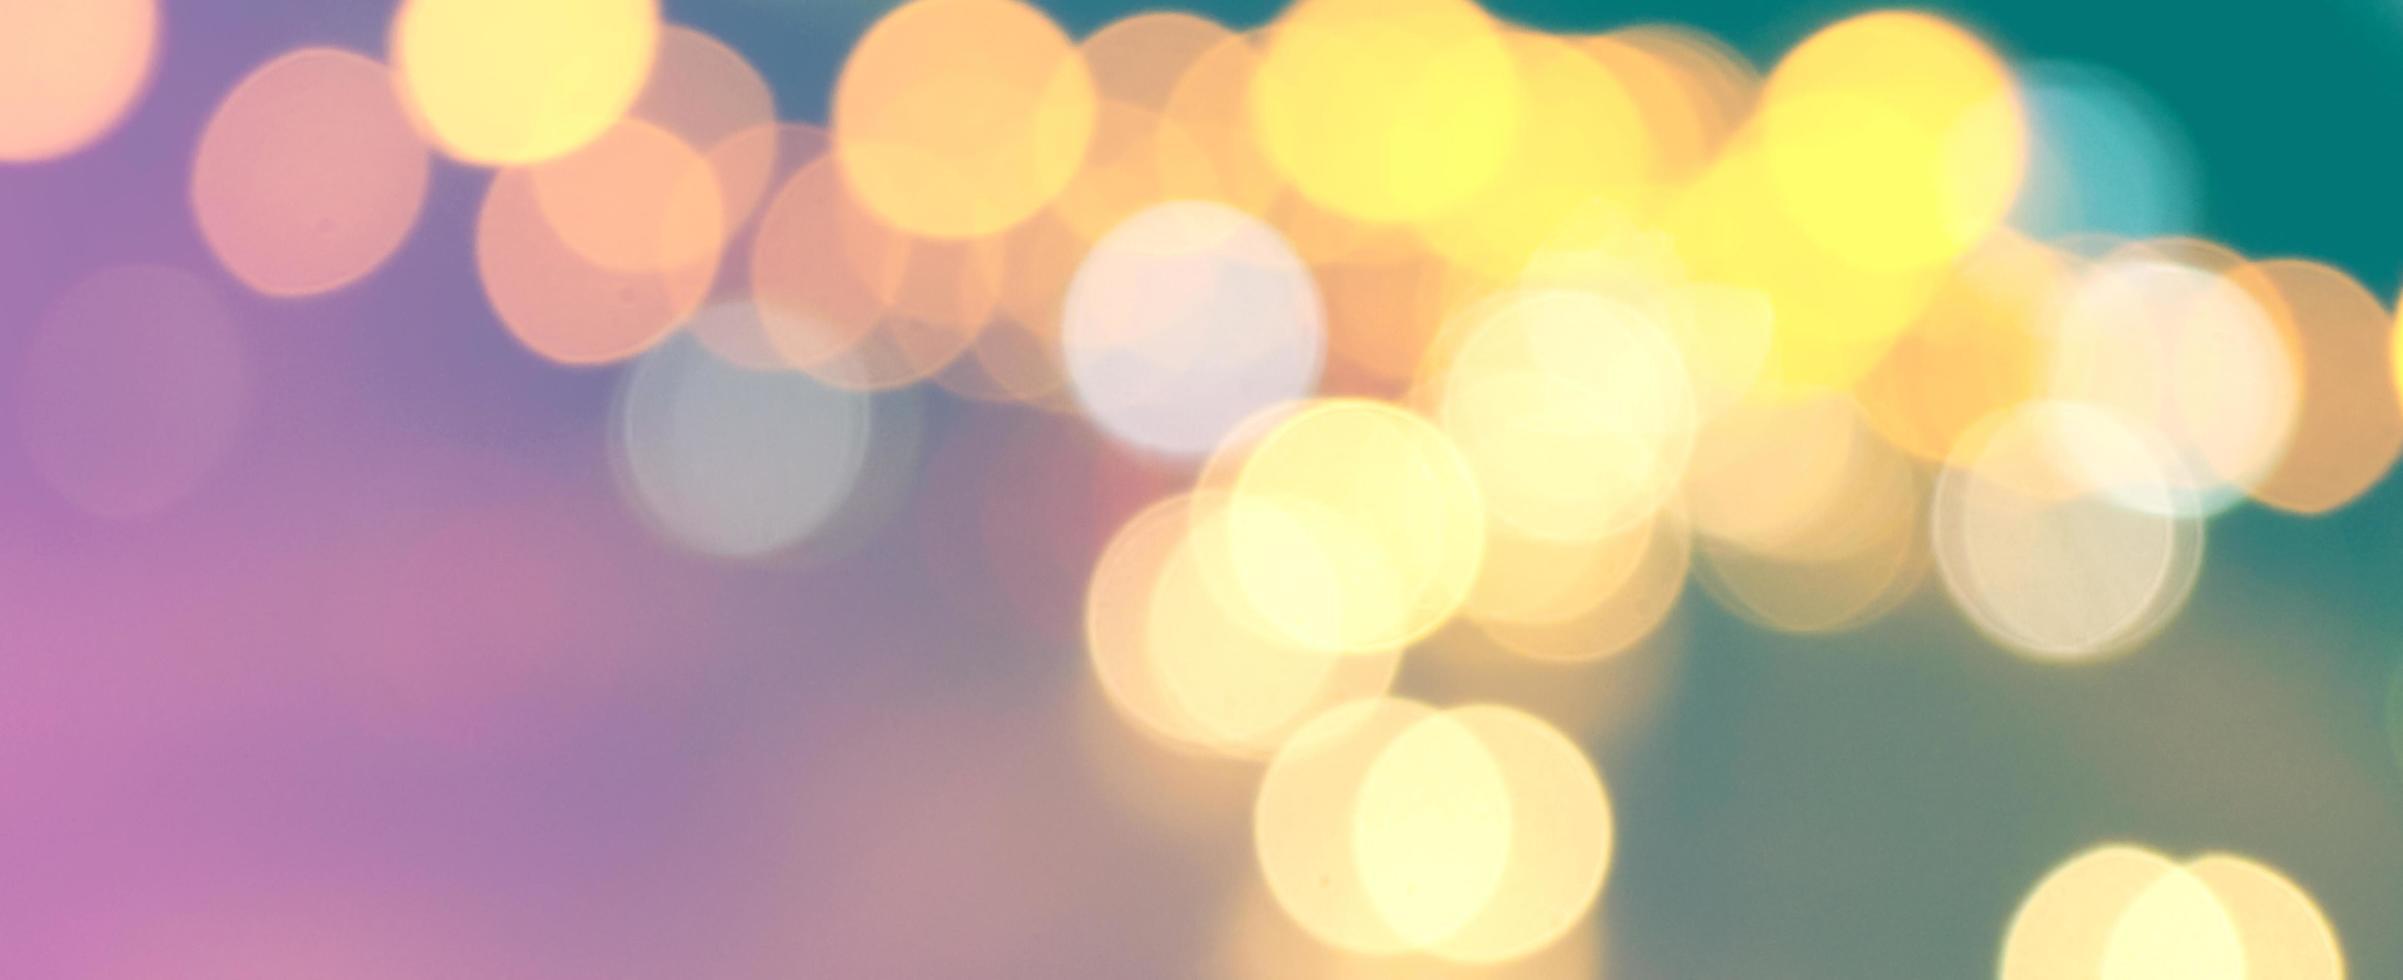 lumières bokeh colorées abstraites photo